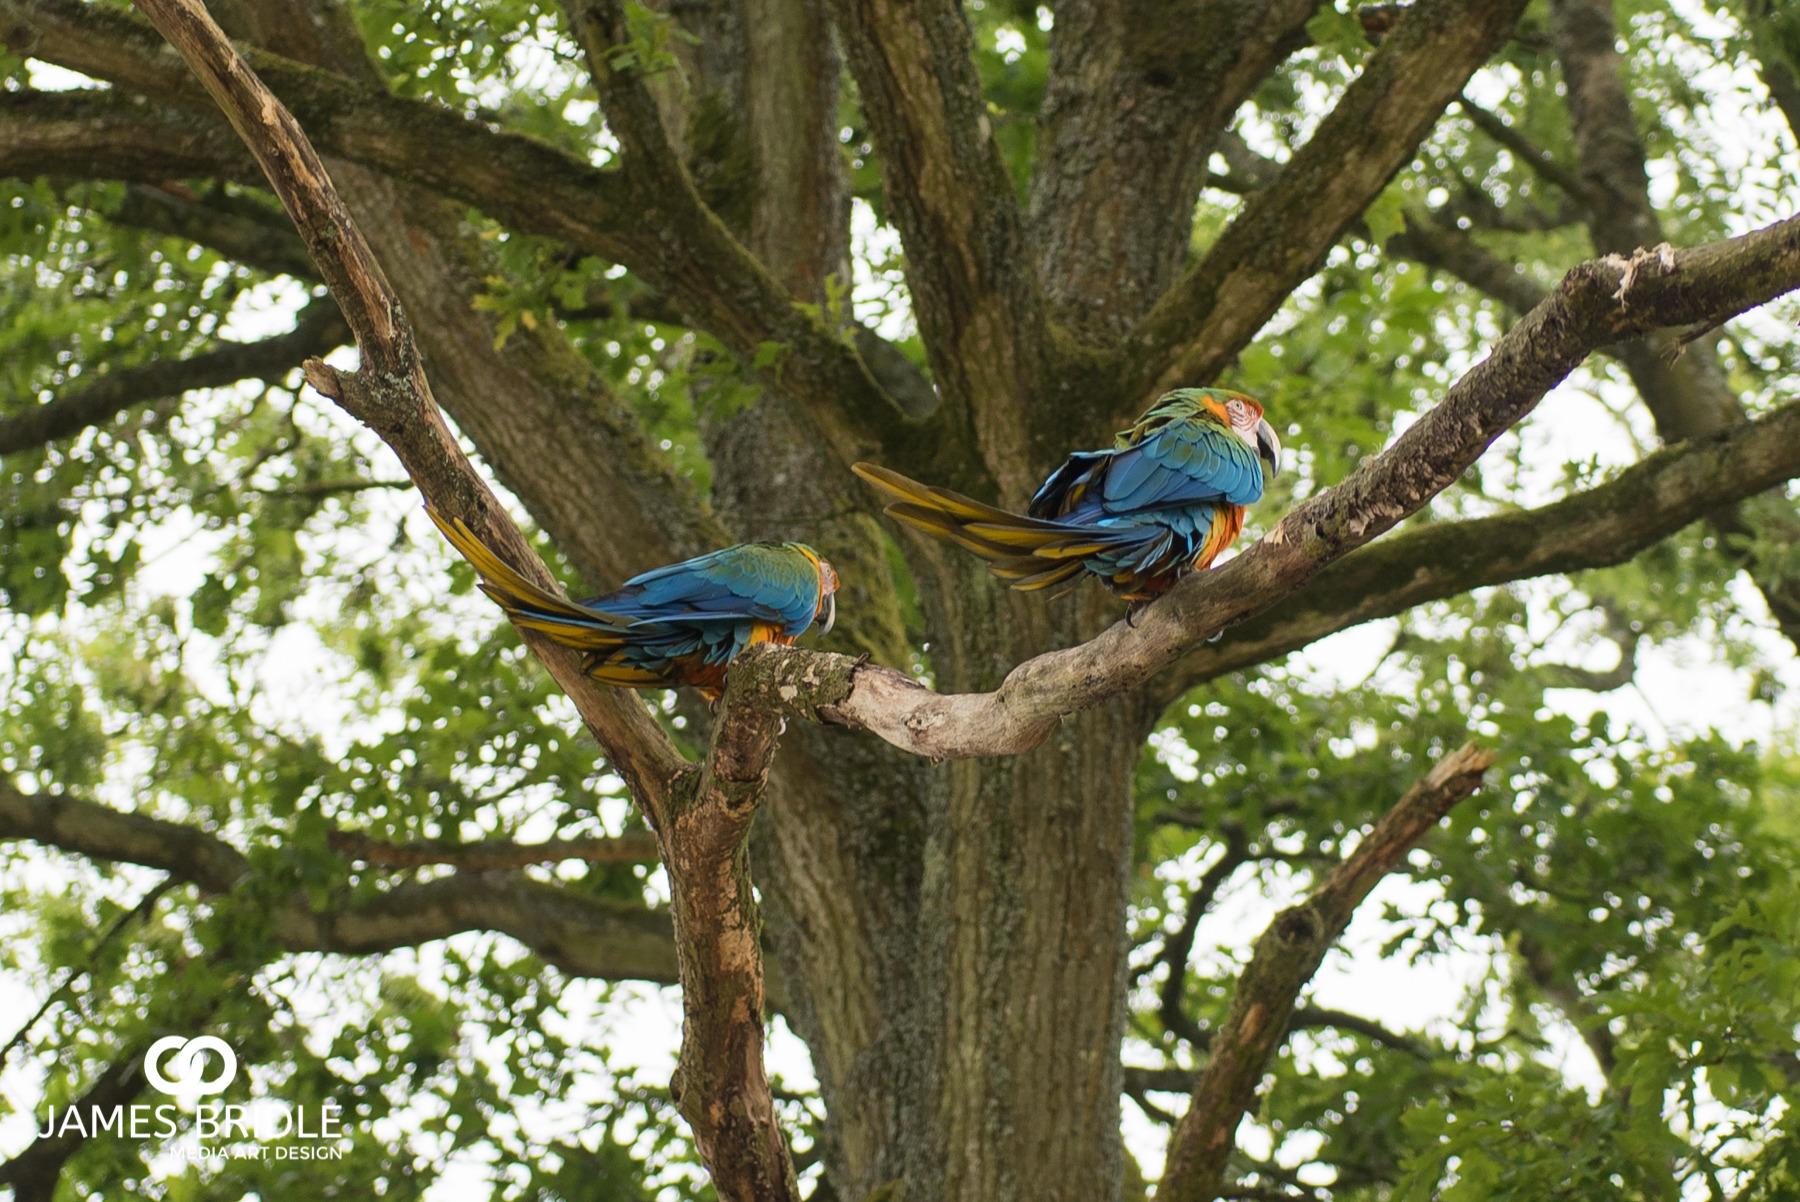 These beautiful birdsReminded me of someone!